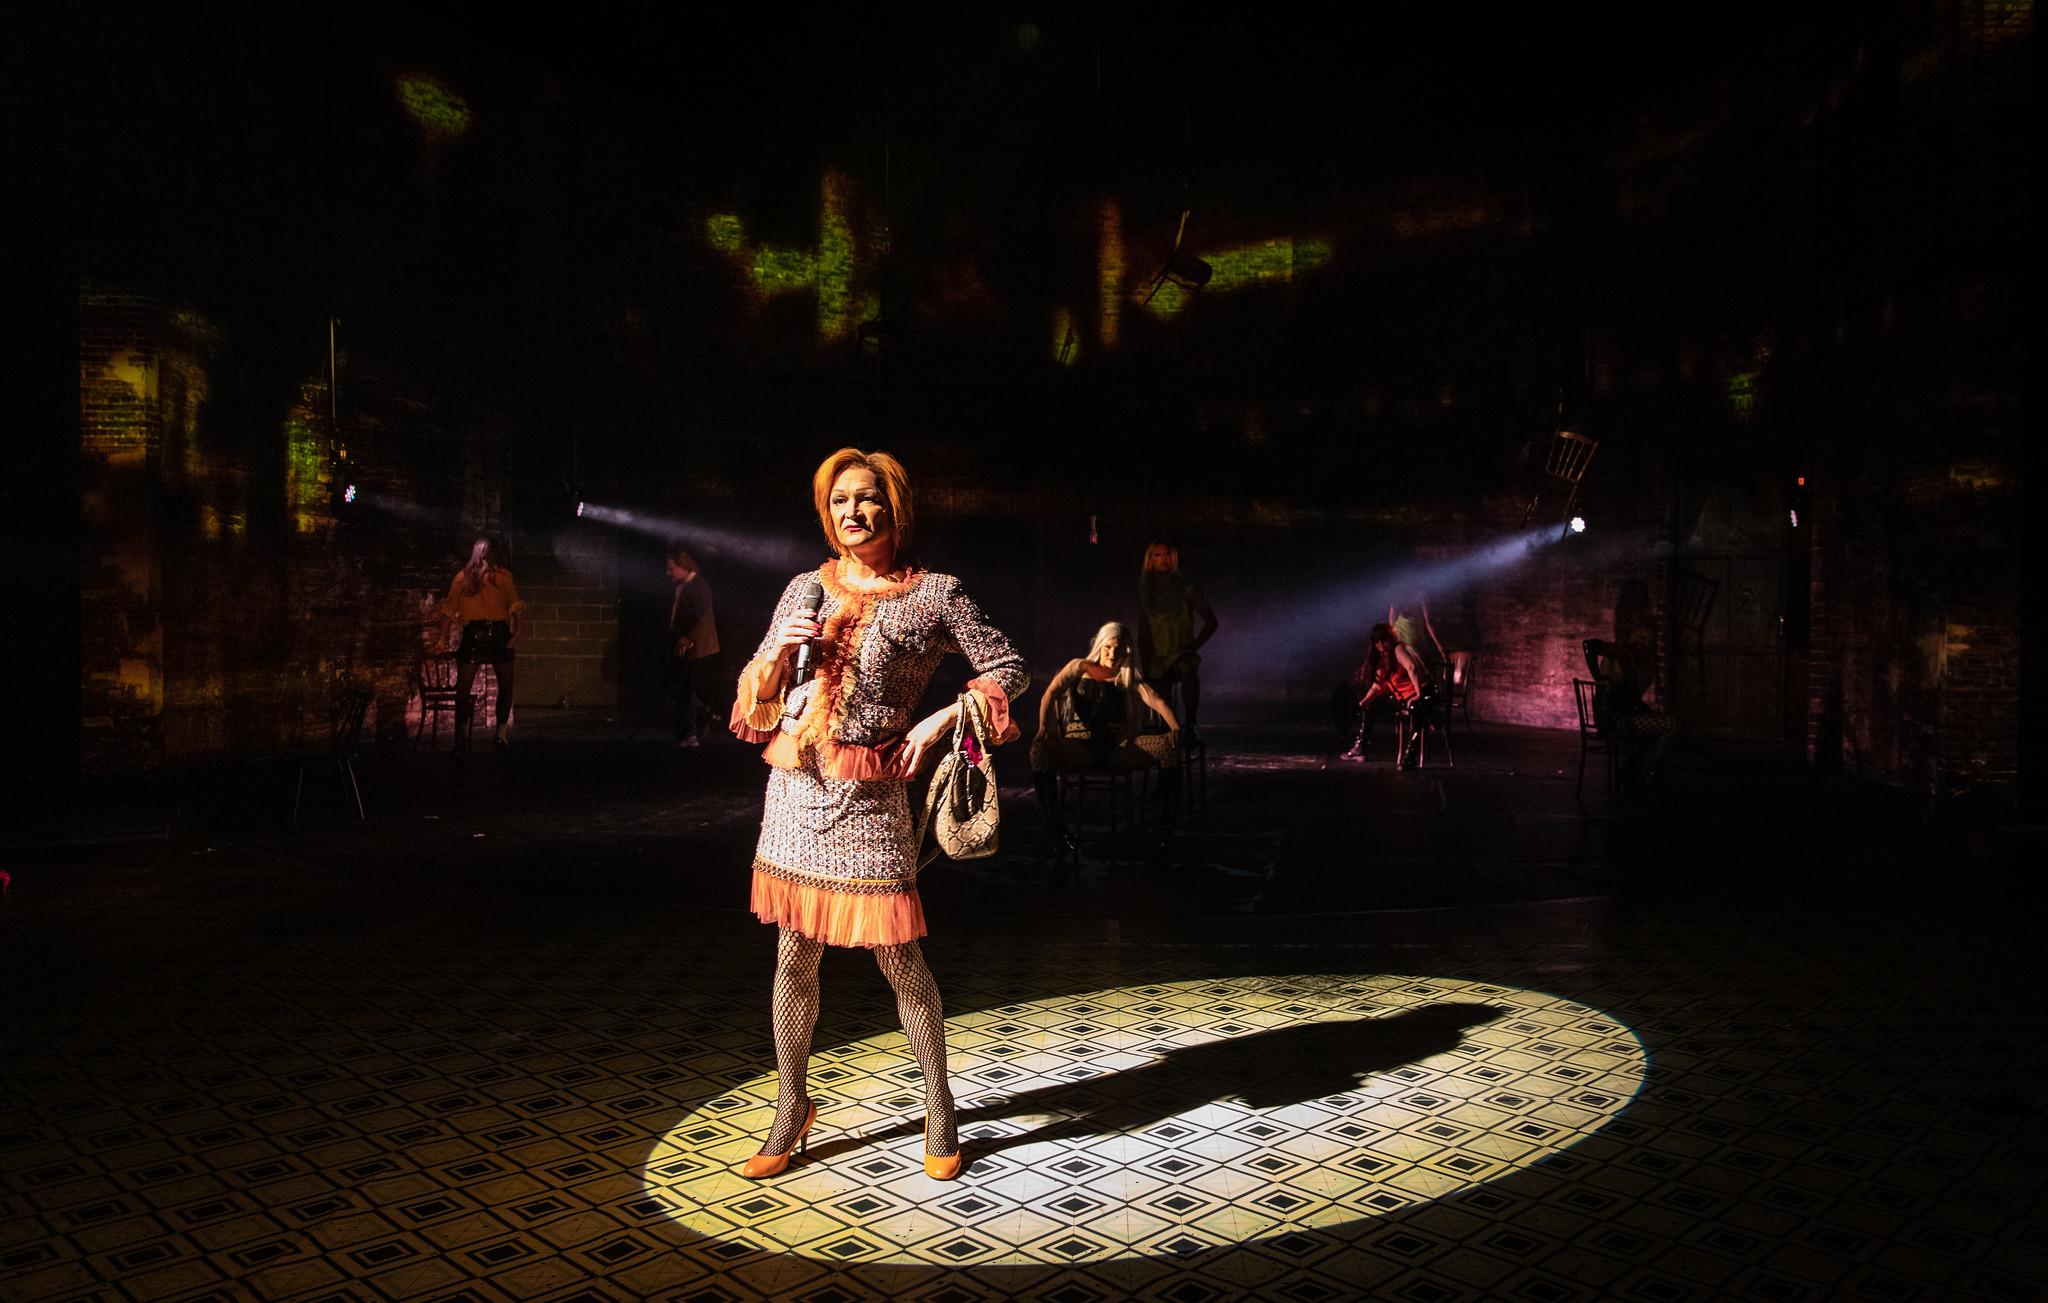 Miesnäyttelijän valinta transnaisen rooliin herätti kritiikkiä – Kansallisteatterin näytelmässä hahmo onkin transvestiitti alkuperäisteoksesta poiketen